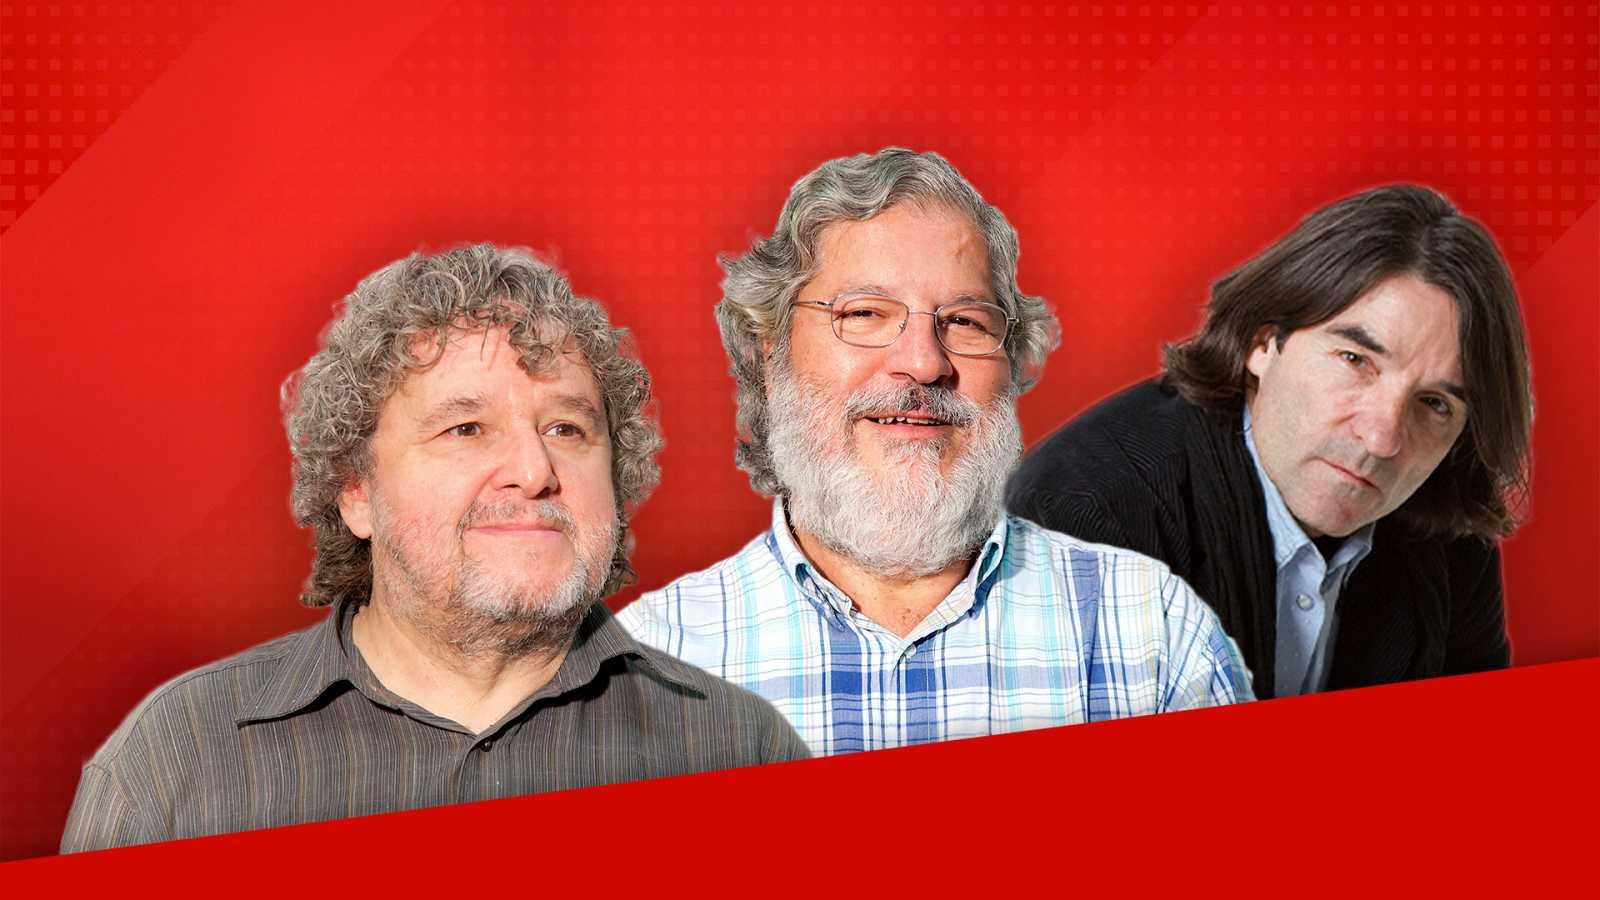 Julio Ruiz (Disco Grande), José Miguel López (Discópolis) y Javier Tolentino (El Séptimo Vicio) se despiden de sus oyentes antes de su jubilación